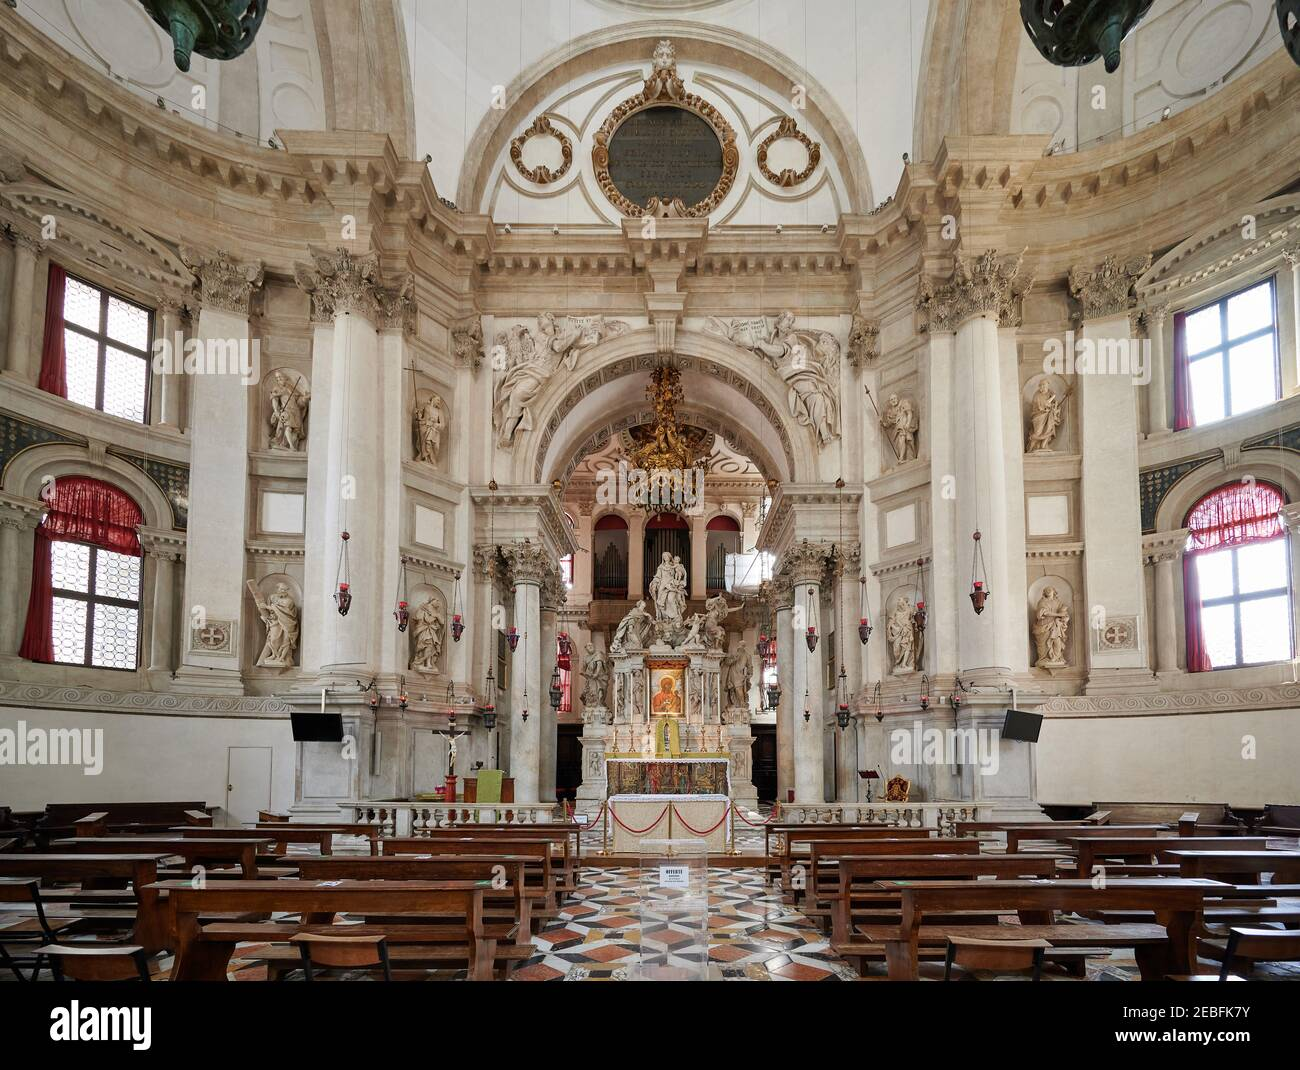 Innenaufnahme der Basilika Santa Maria della Salute, Venedig, Venetien, Italien Stockfoto